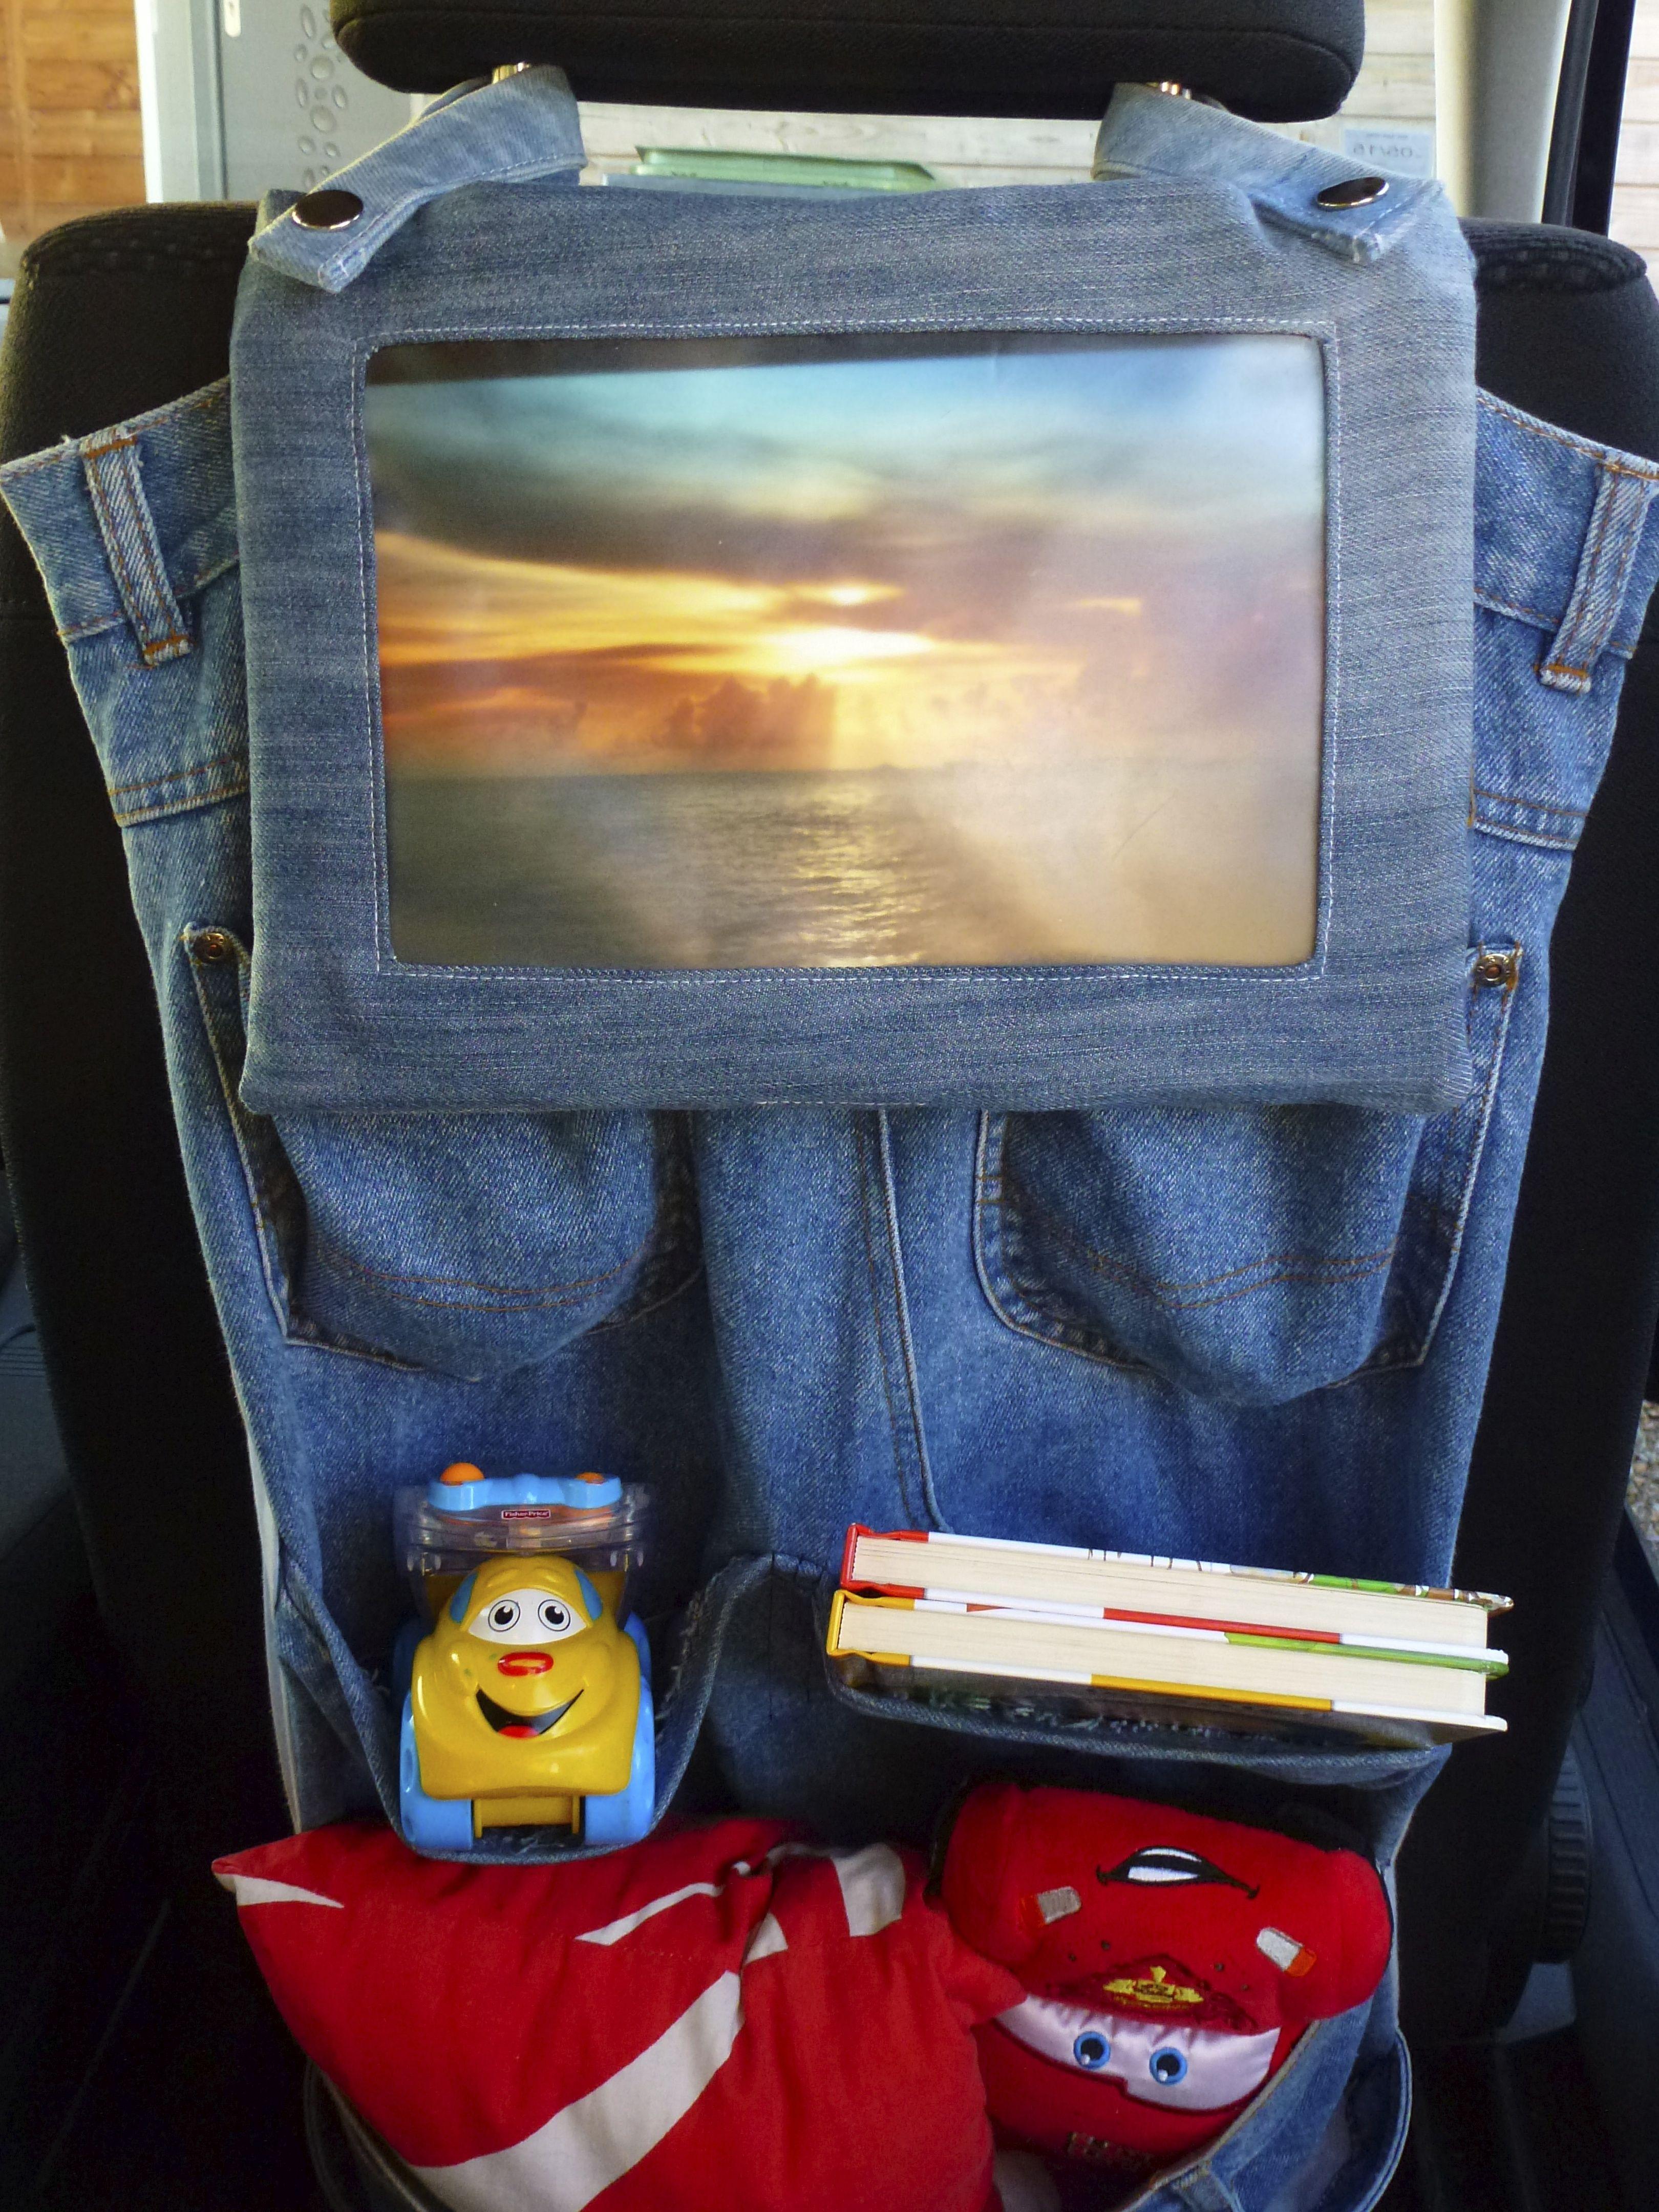 Voyagez tranquille! Grâce à la pochette de transport et de protection, on peut fixer la tablette à l'appui-tête de la voiture. Récup' de vieux jeans, doublé d'un imprimé coton.